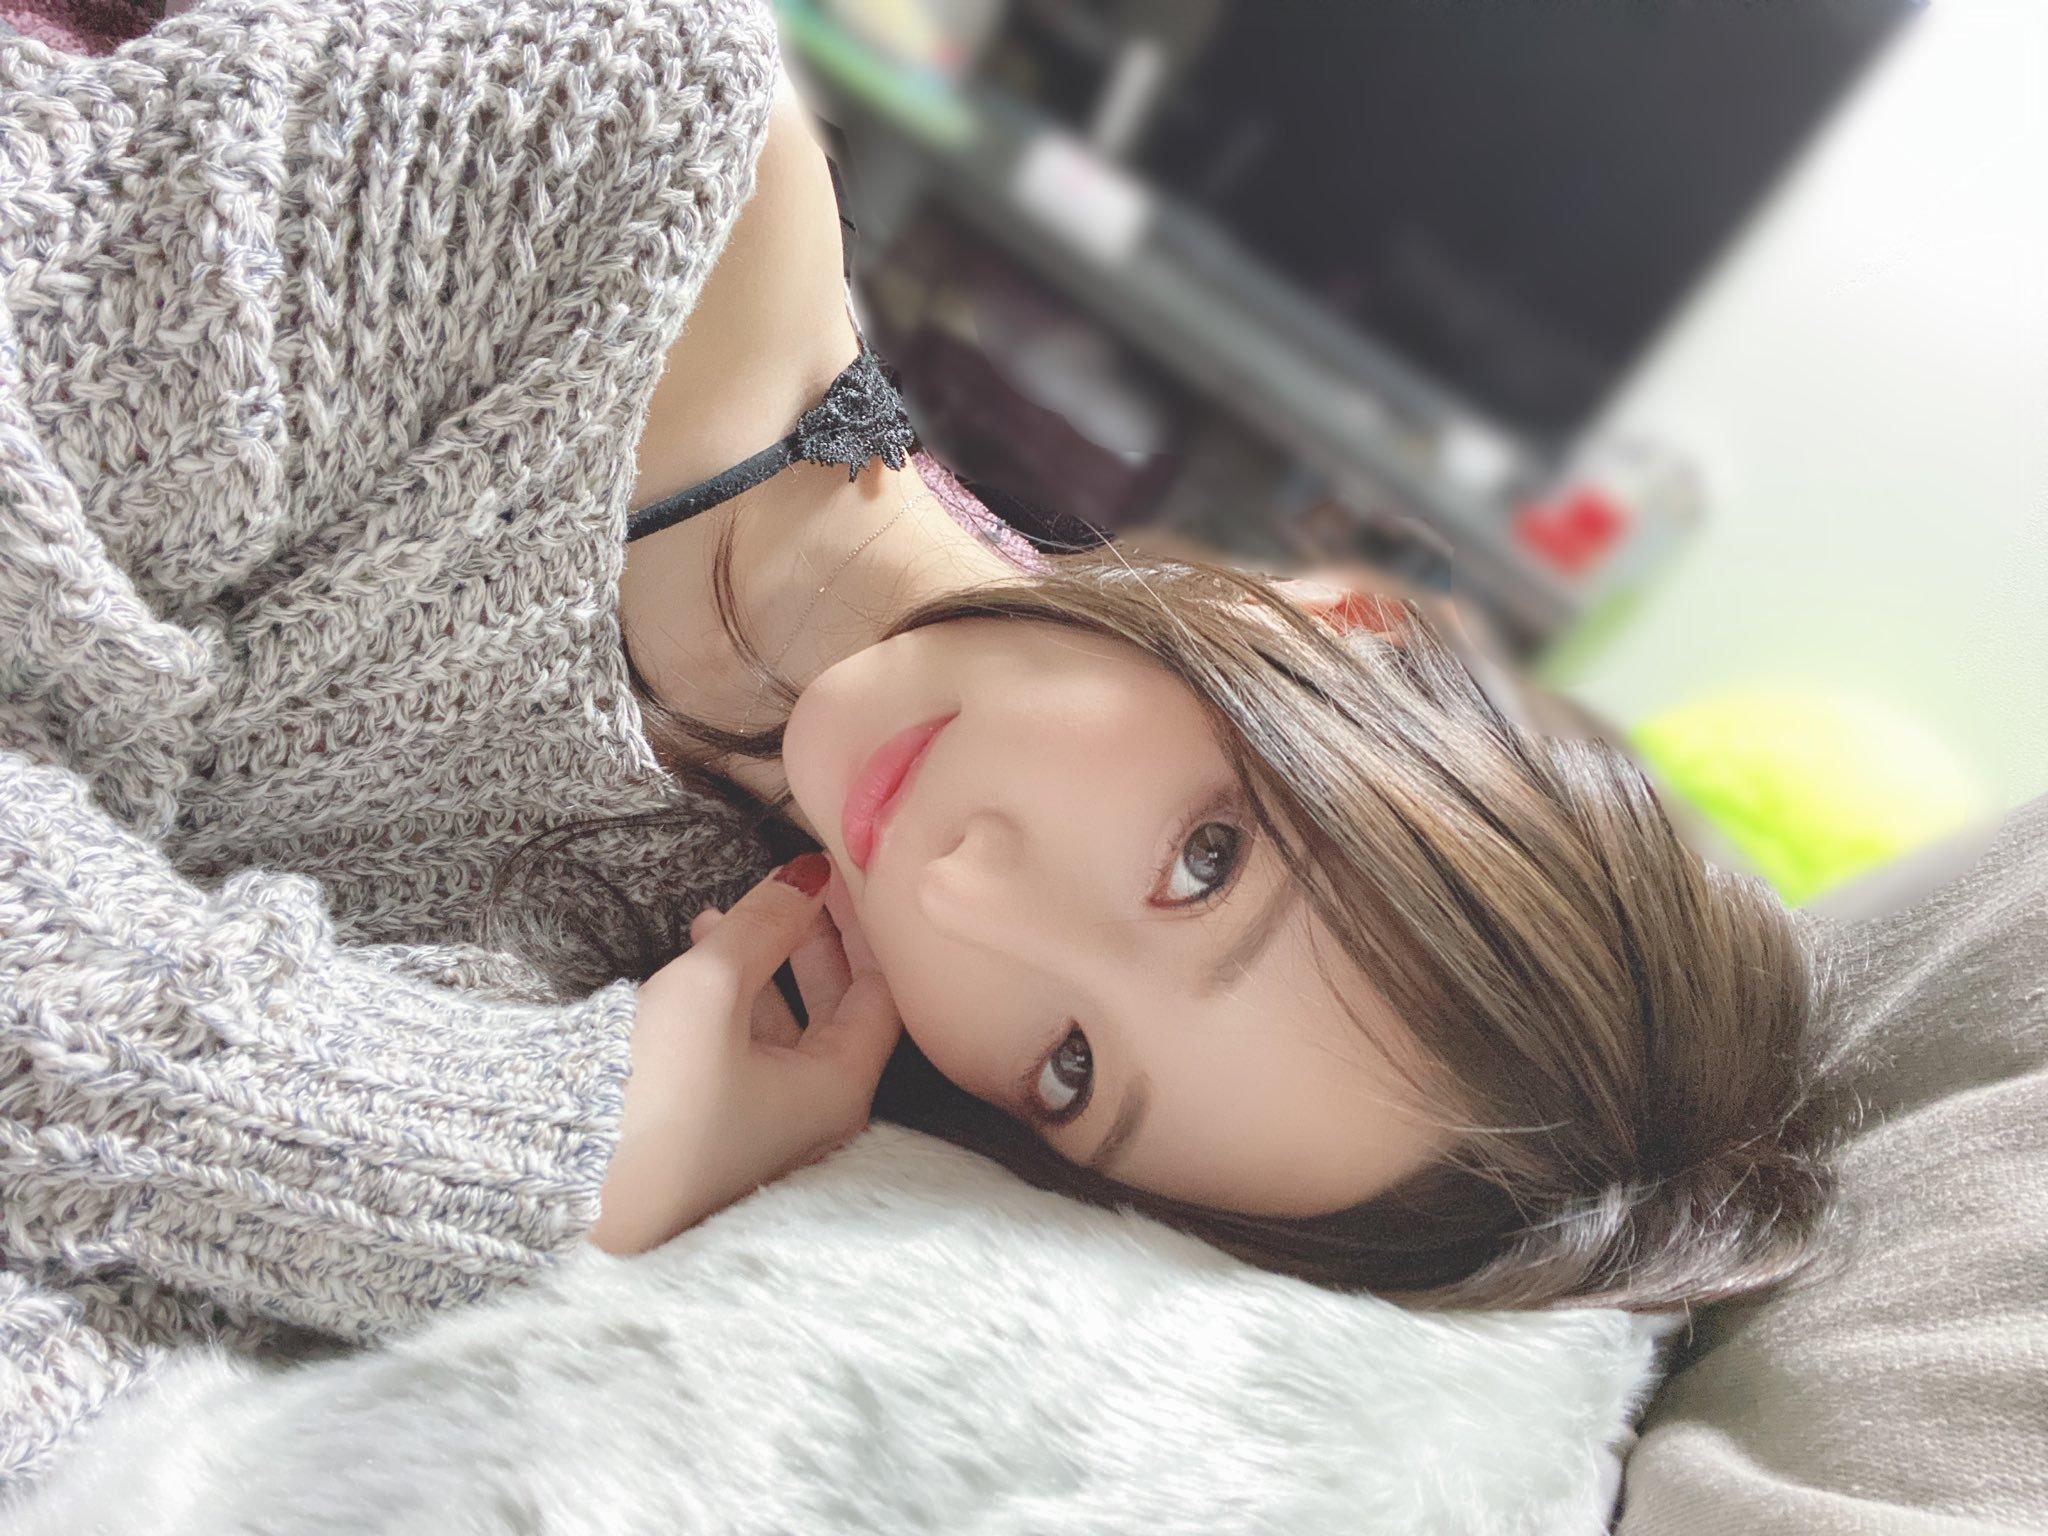 amatsuka_moe 1253643716058701824_p0